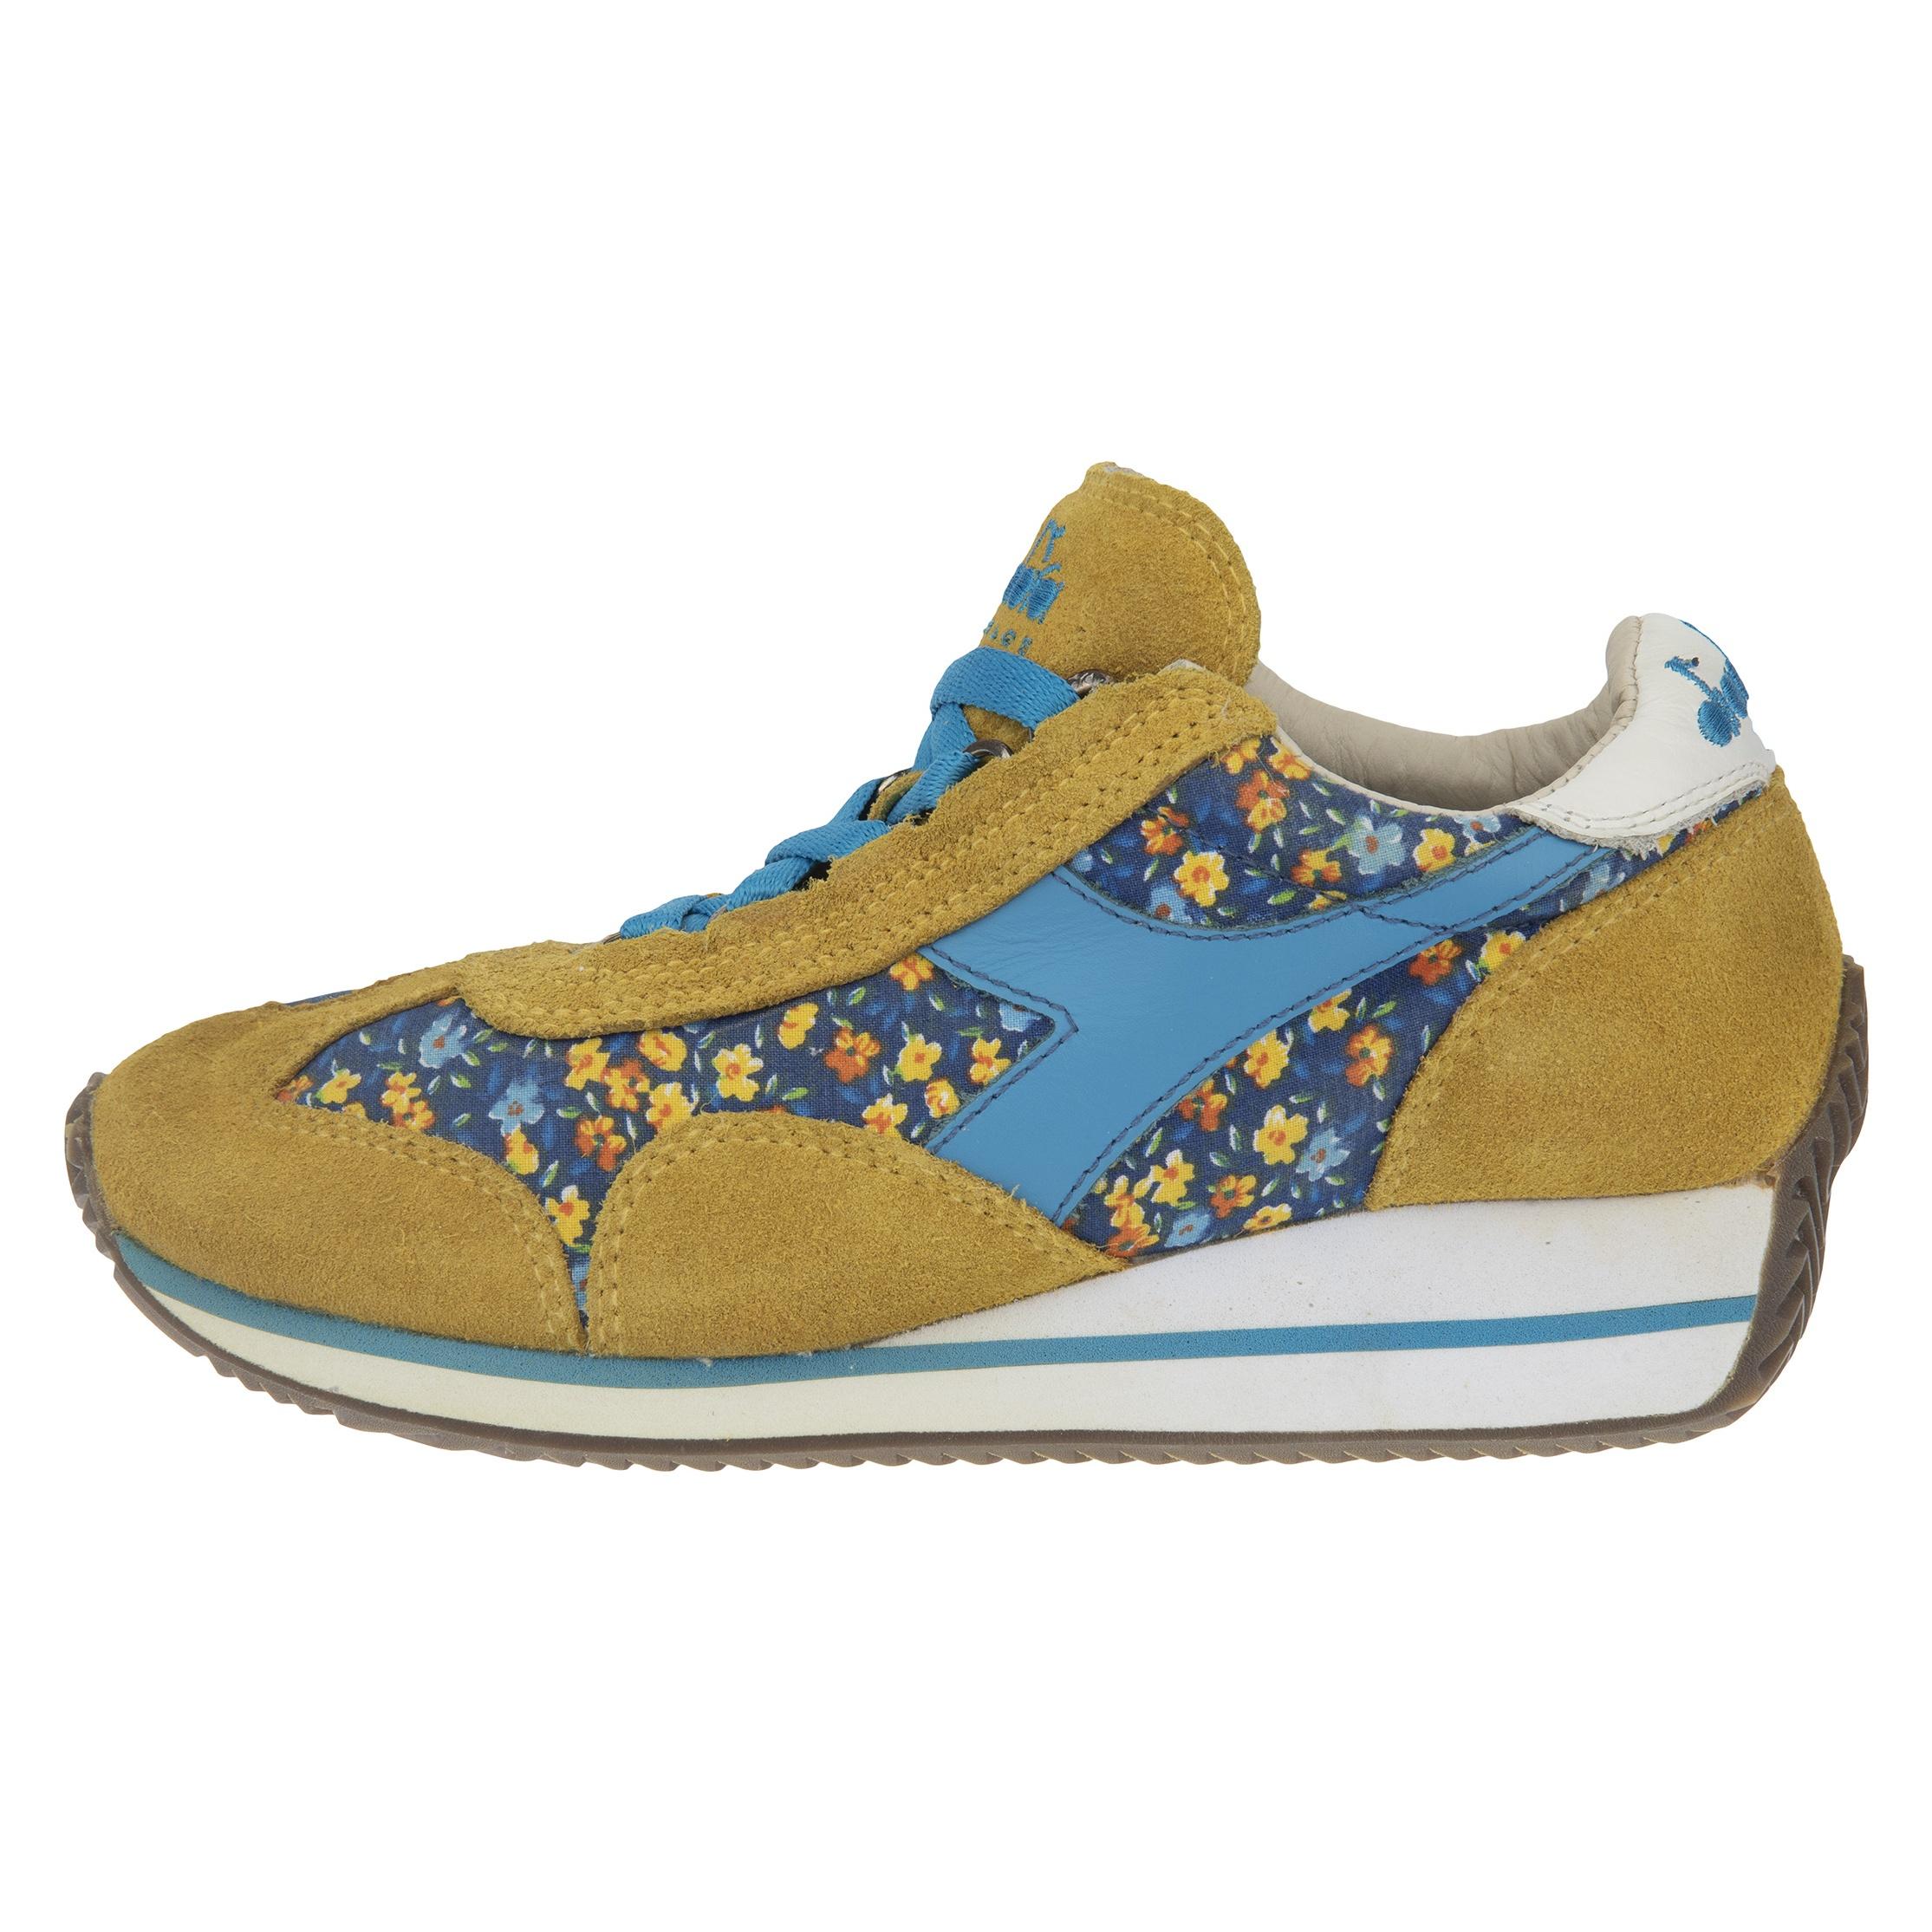 کفش مخصوص پیاده روی زنانه دیادورا کد Equipe W Floral HH 161311-5332